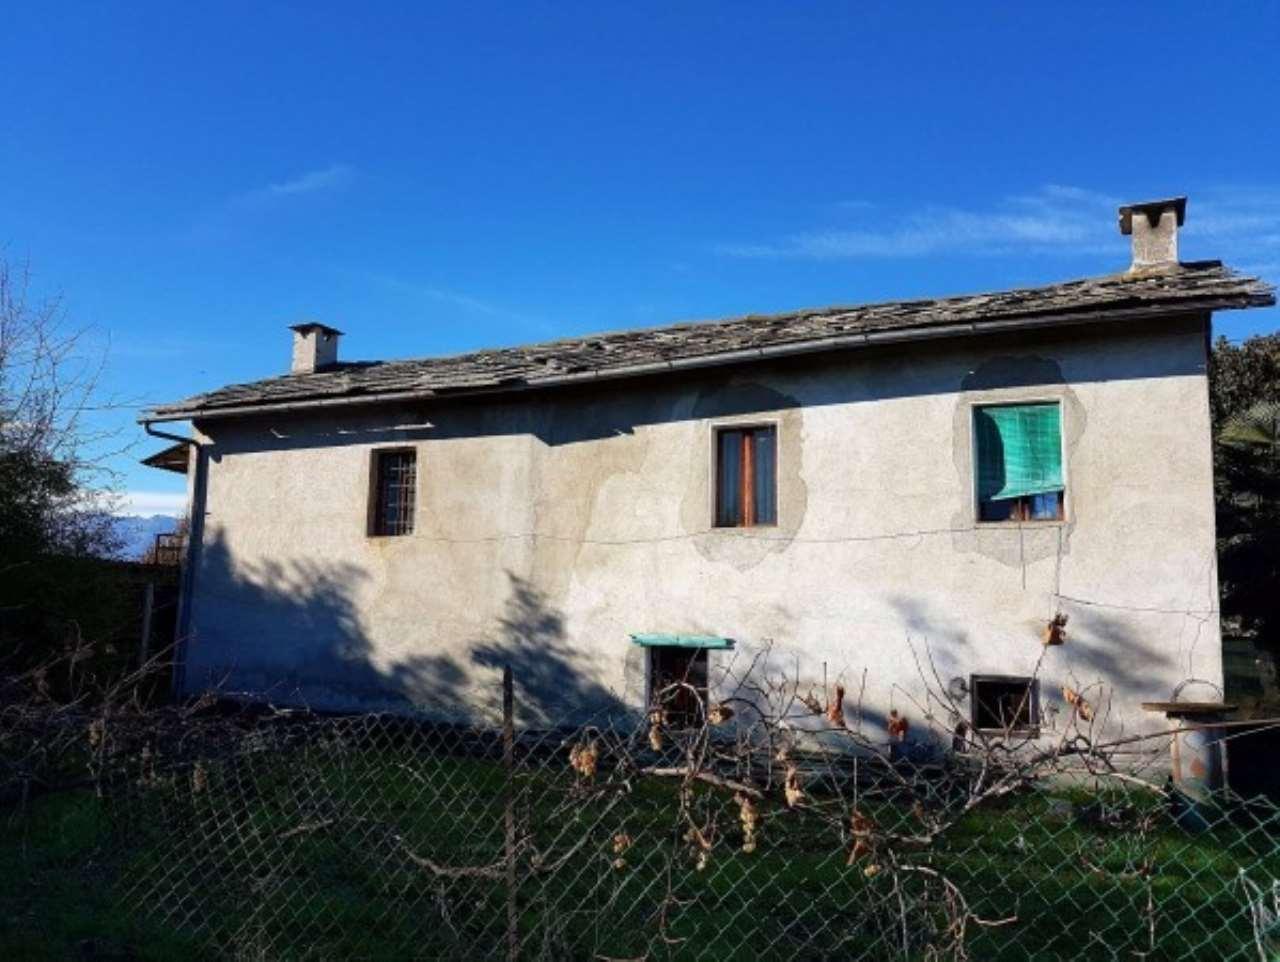 Rustico in Vendita a Cavour: 5 locali, 100 mq